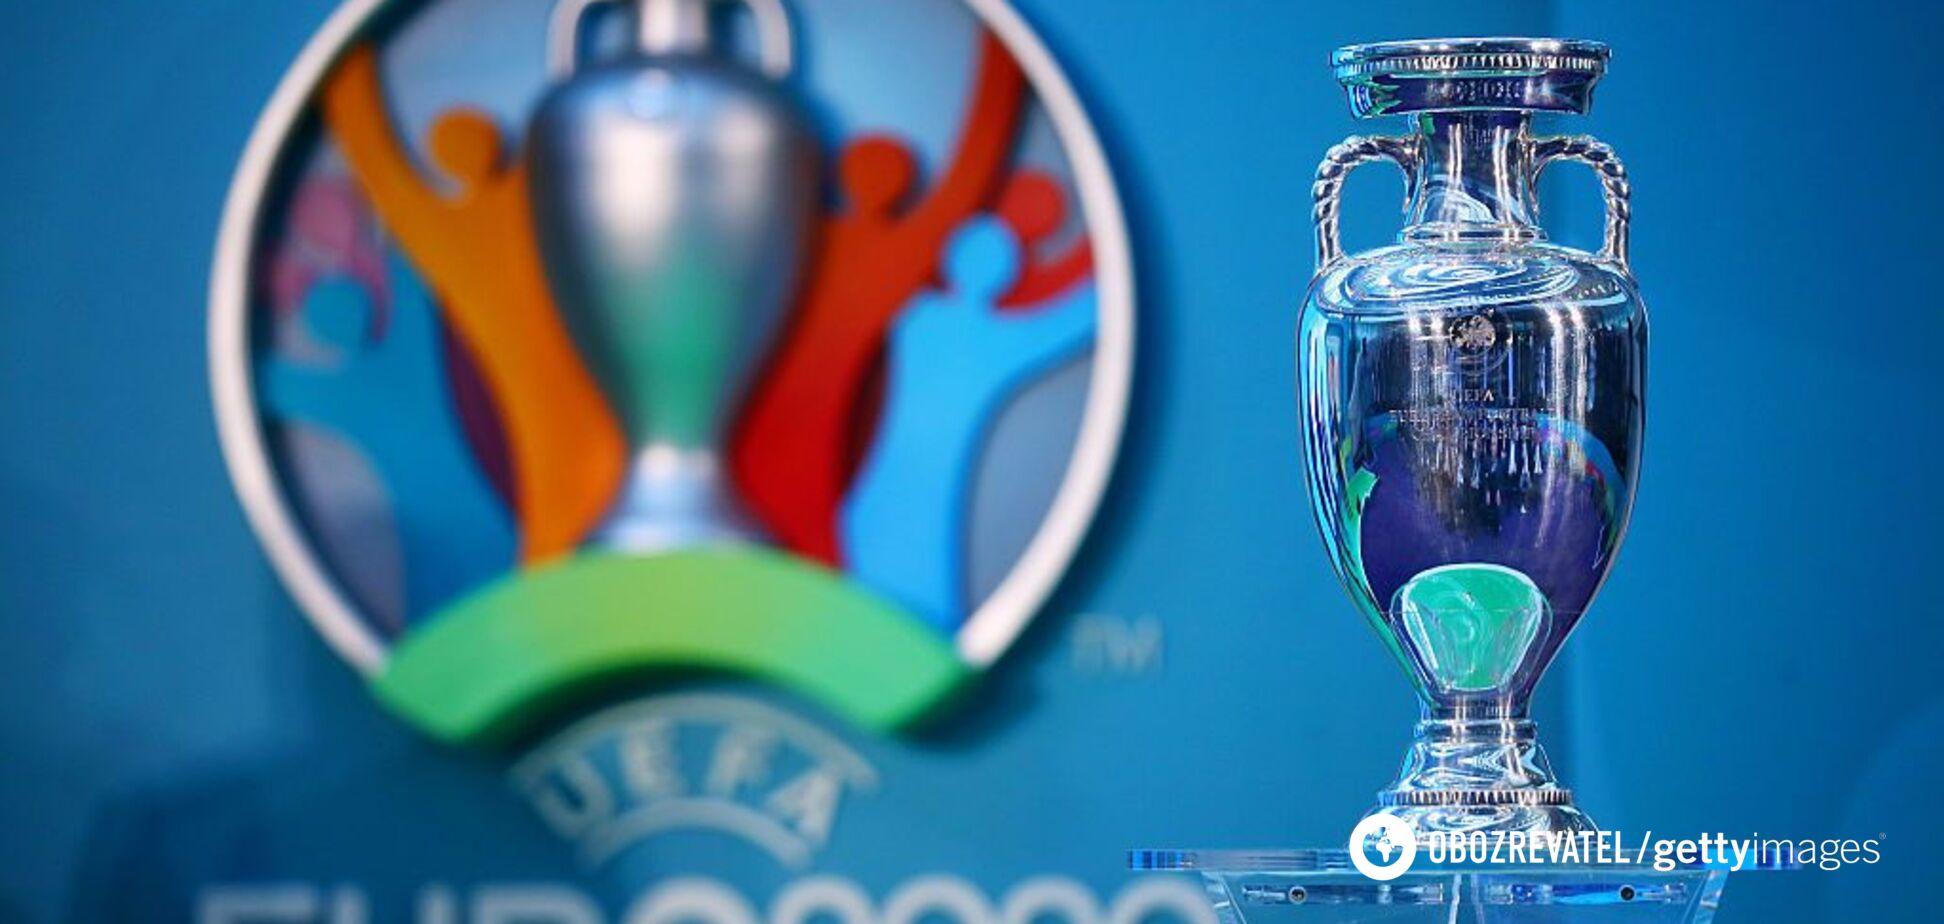 Жеребьевка Евро-2020: стали известны пары стыковых матчей отбора